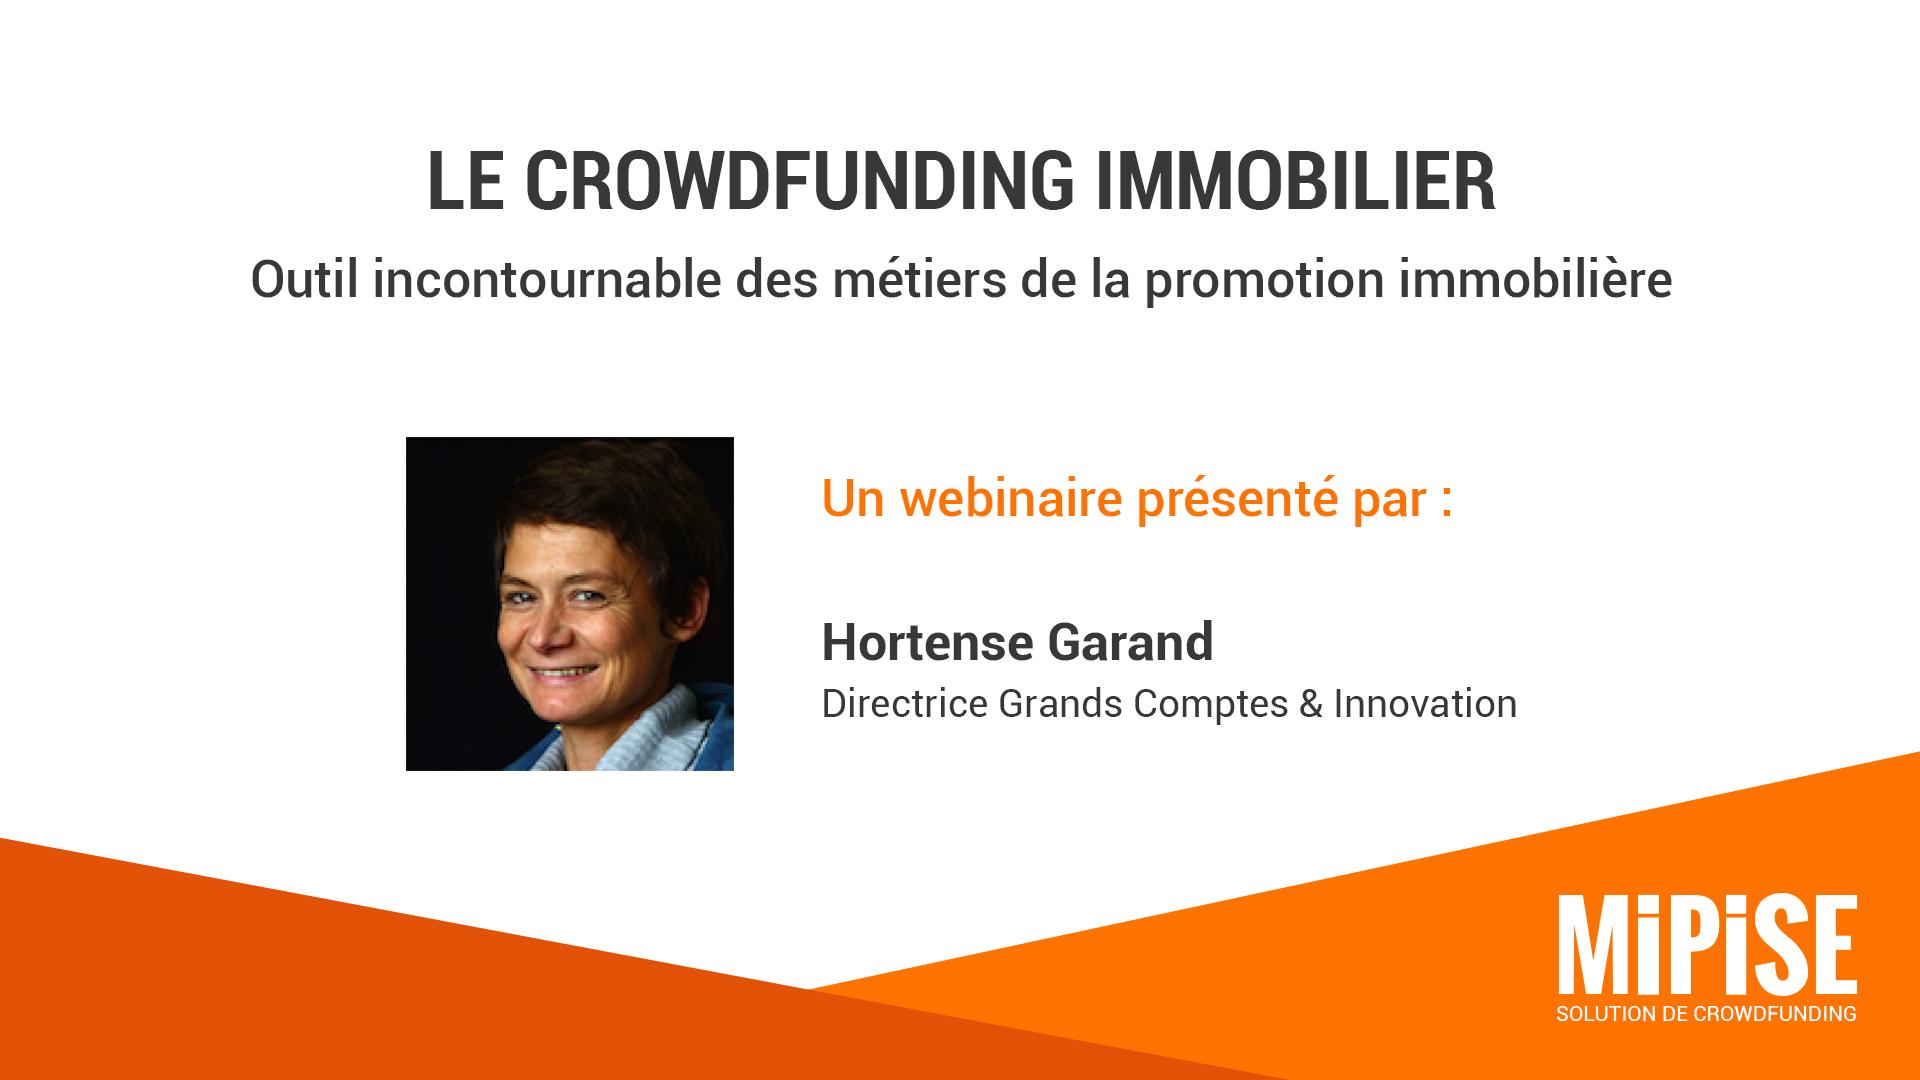 Le crowdfunding immobilier : outil incontournable de la promotion immobilière